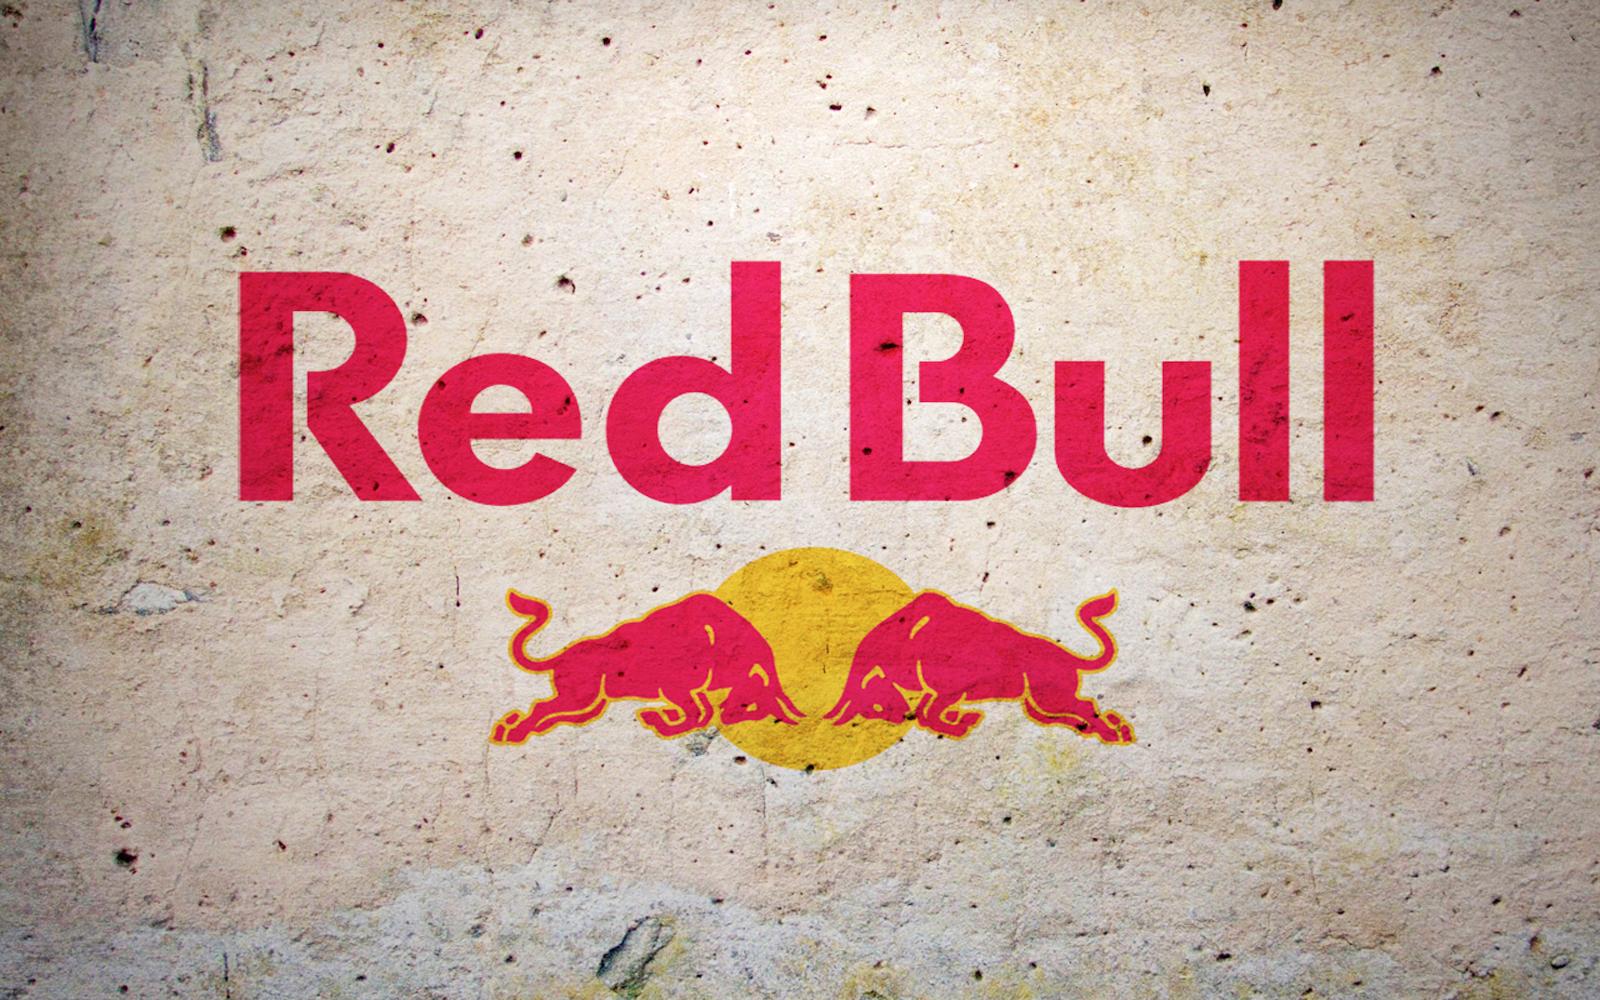 red bull hd png logo wallpaper #2842